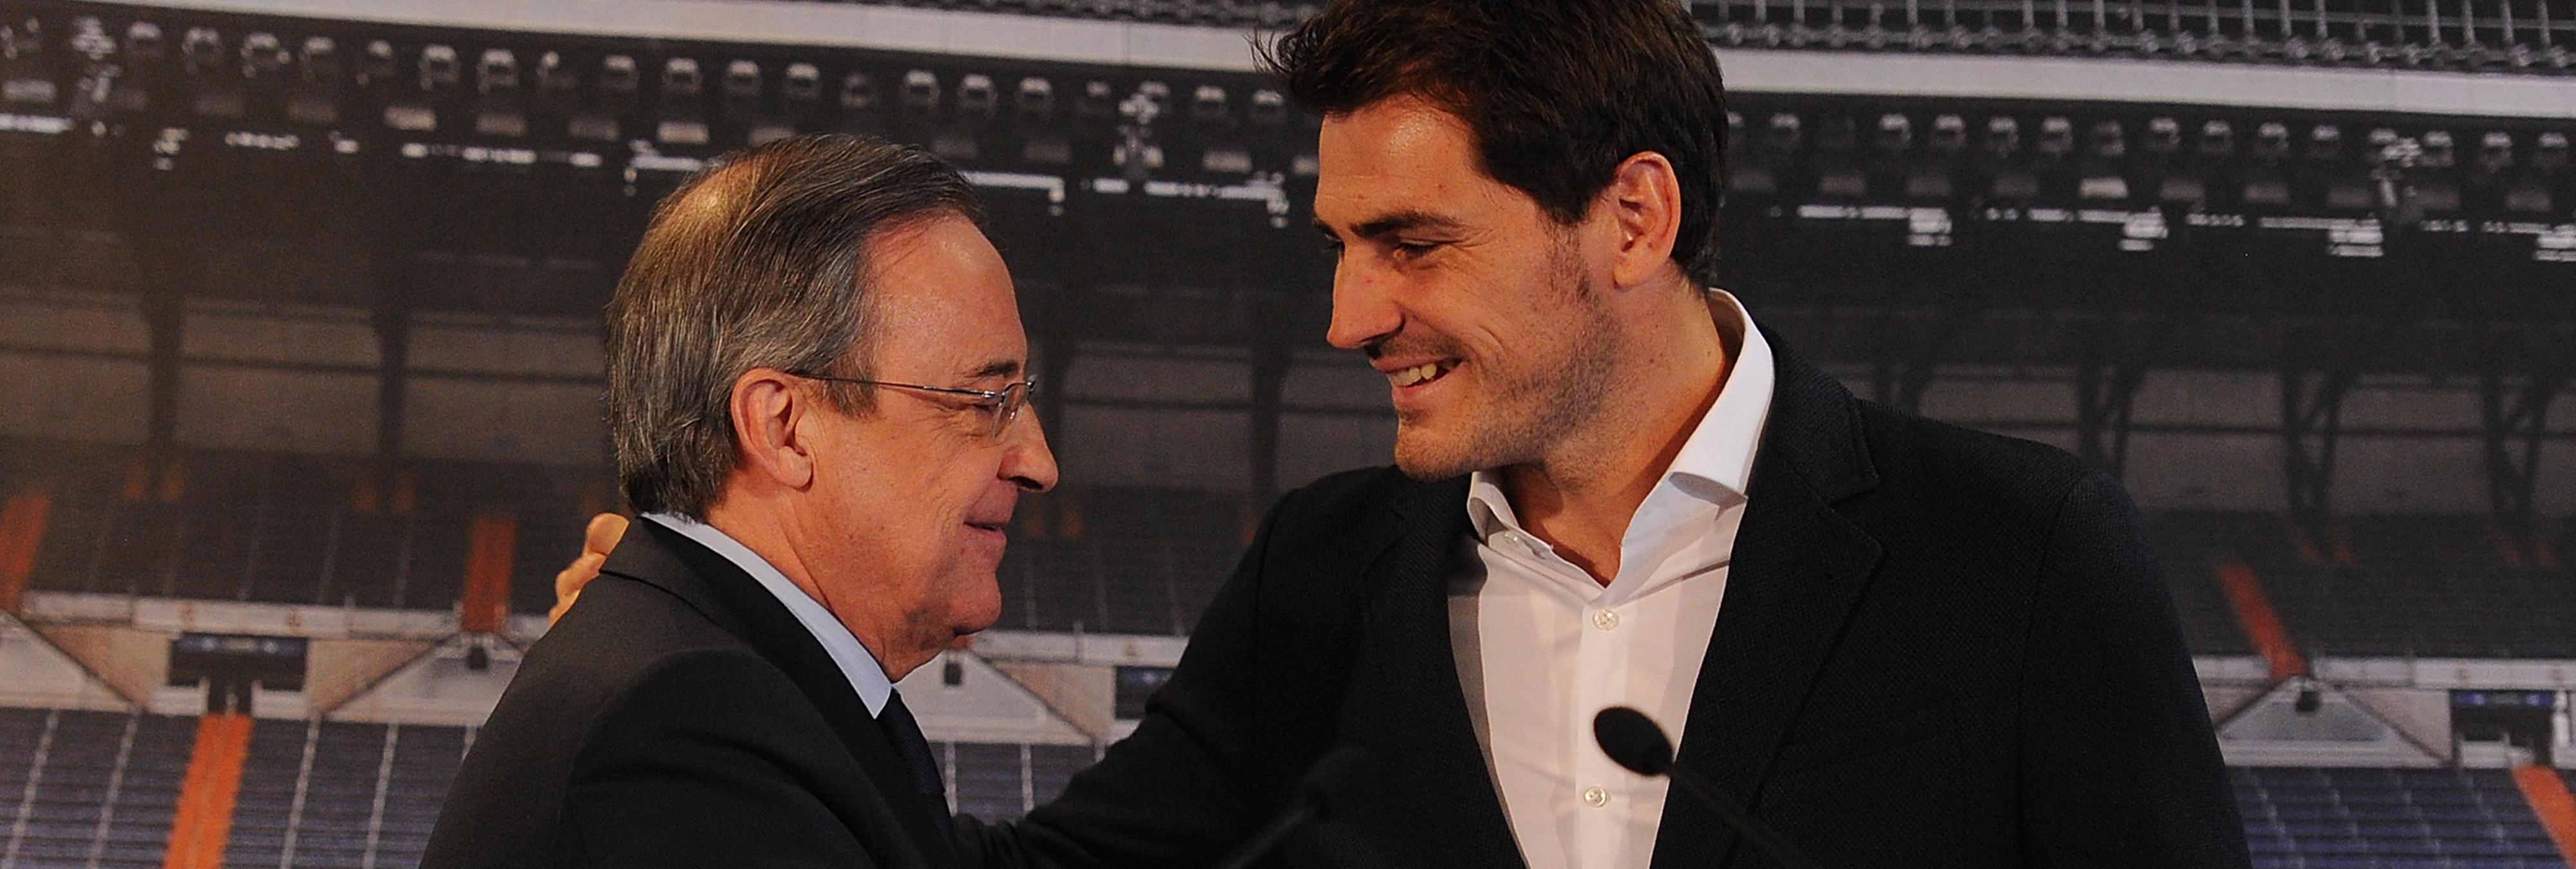 La parte de su cuerpo que Florentino Pérez ha prohibido que salga en Real Madrid TV